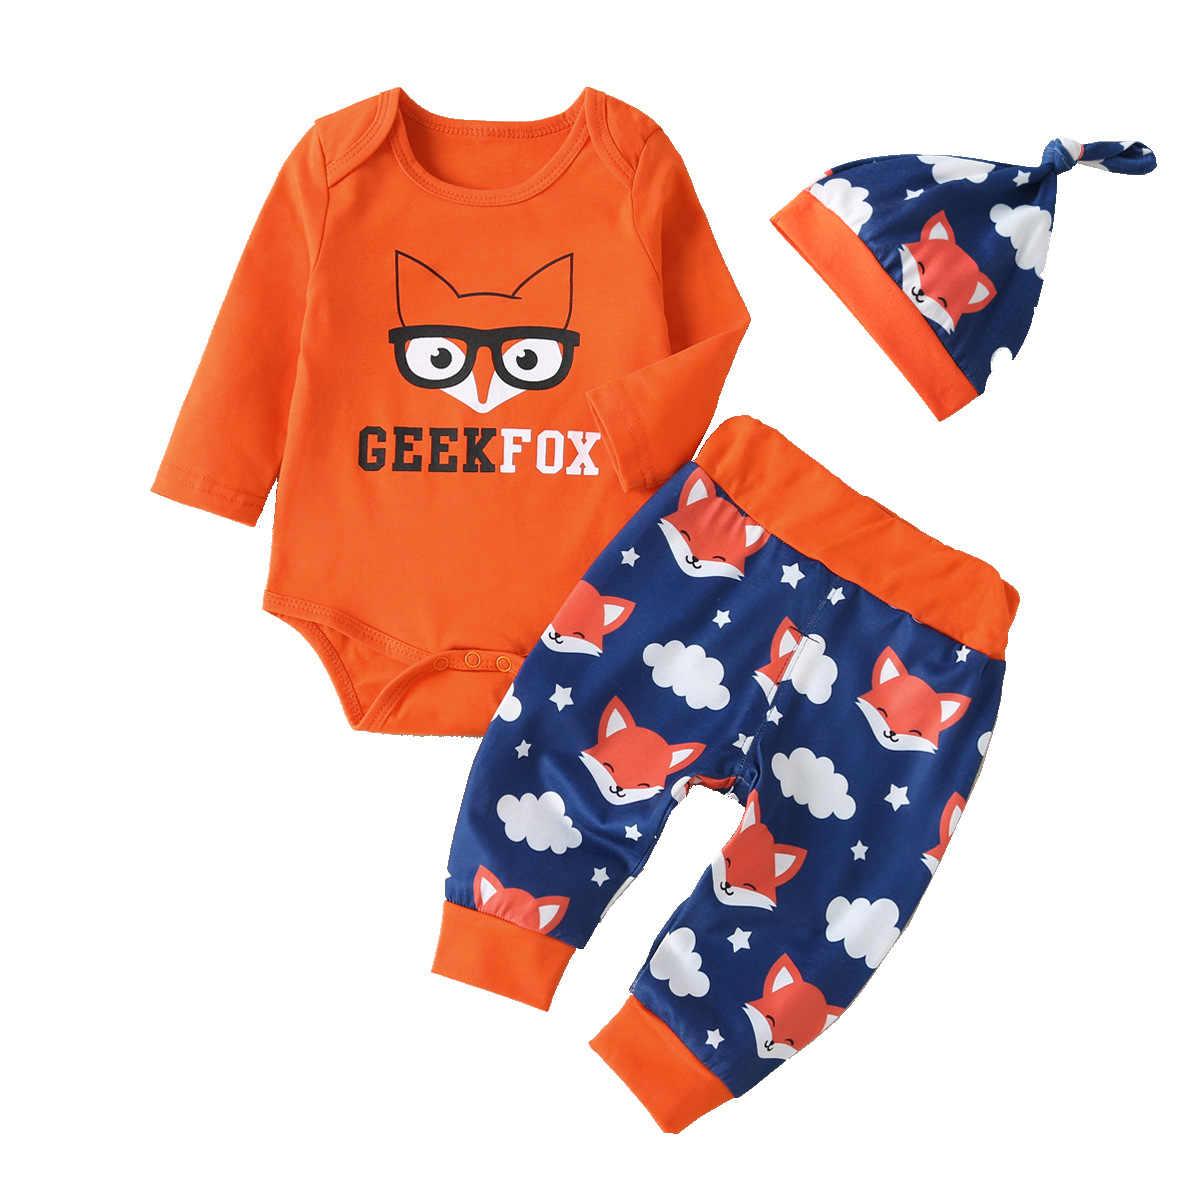 ทารกแรกเกิดใหม่ 3 Pcs เด็กทารกเด็กทารกเสื้อผ้าชุดยาวแขนหมาป่า Romper เด็กเสื้อ + กางเกงขายาว + ชุดเสื้อผ้าหมวก